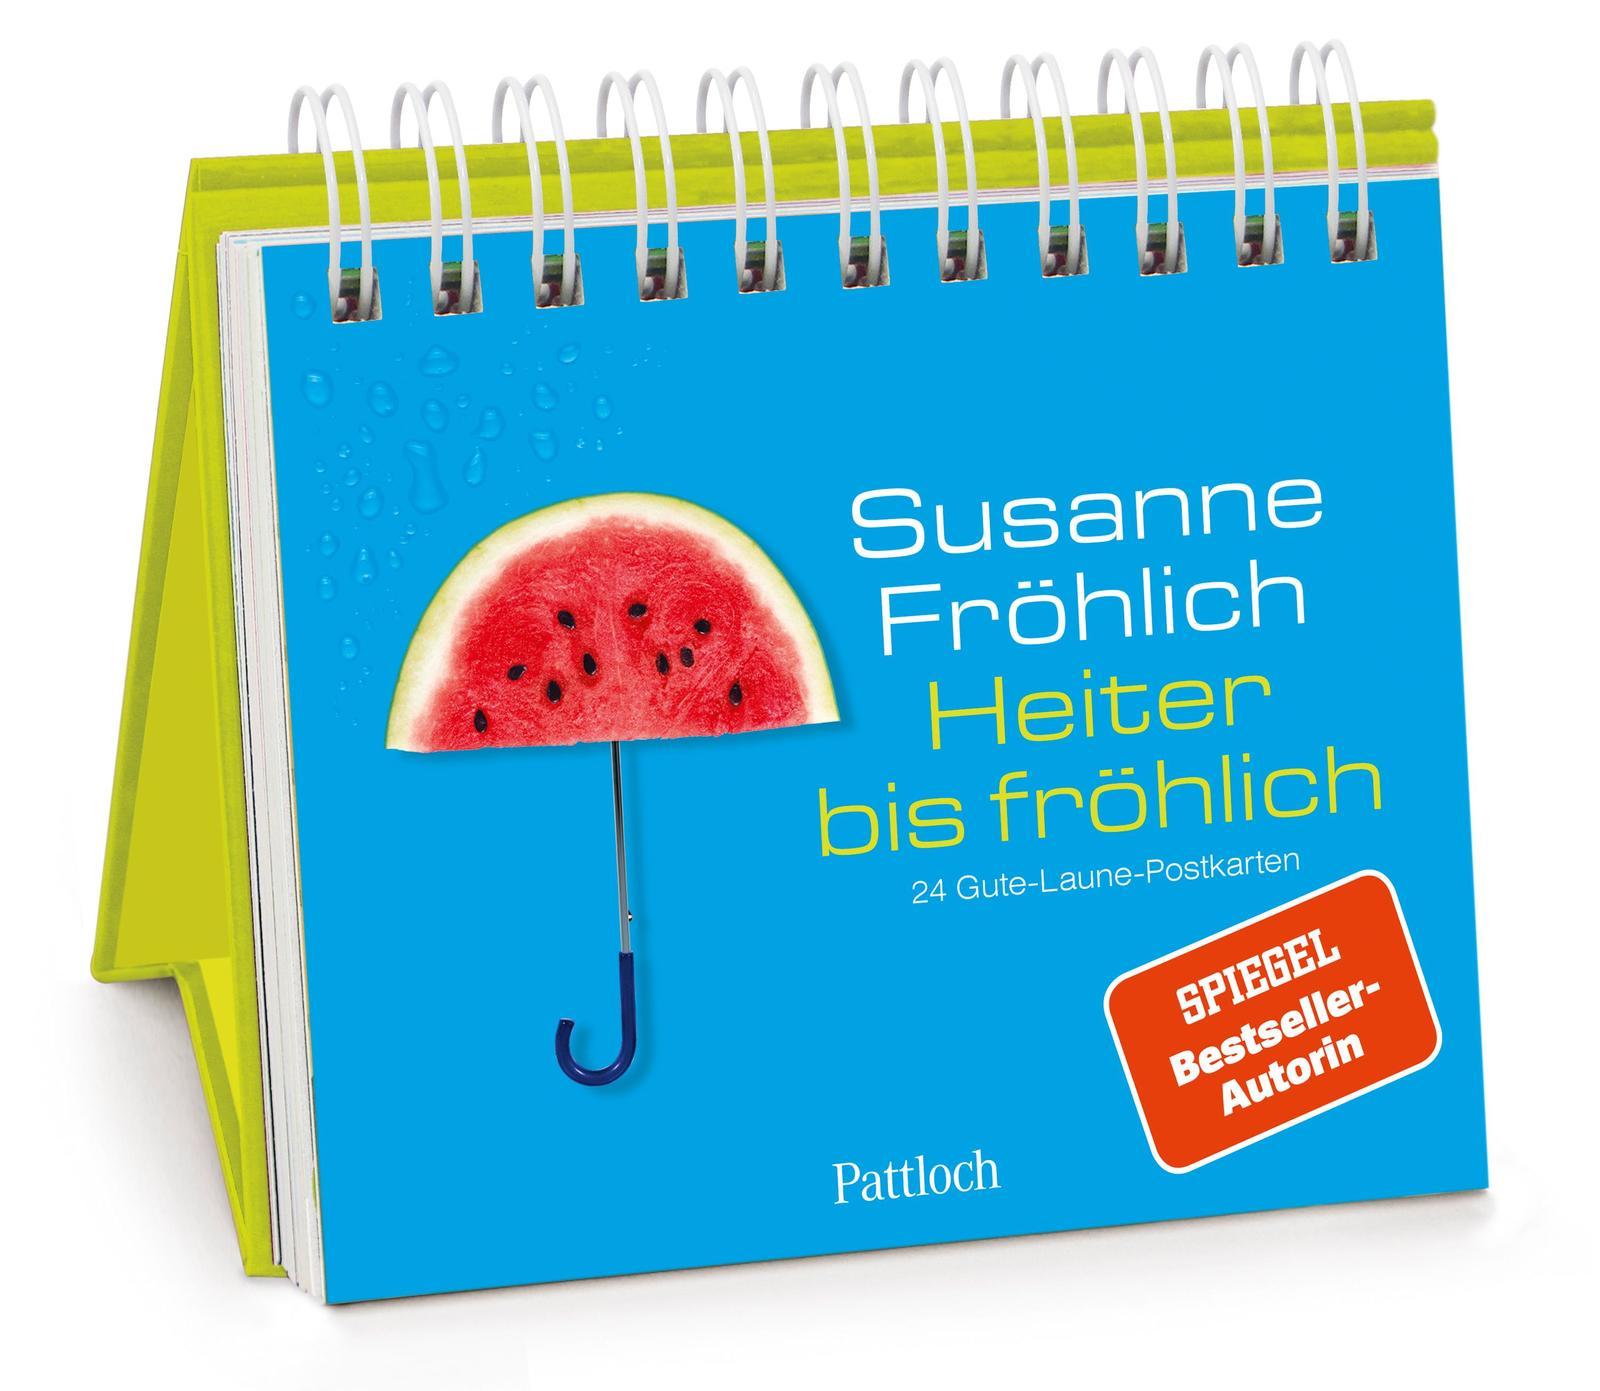 Heiter bis fröhlich - 24 Gute-Laune-Postkarten